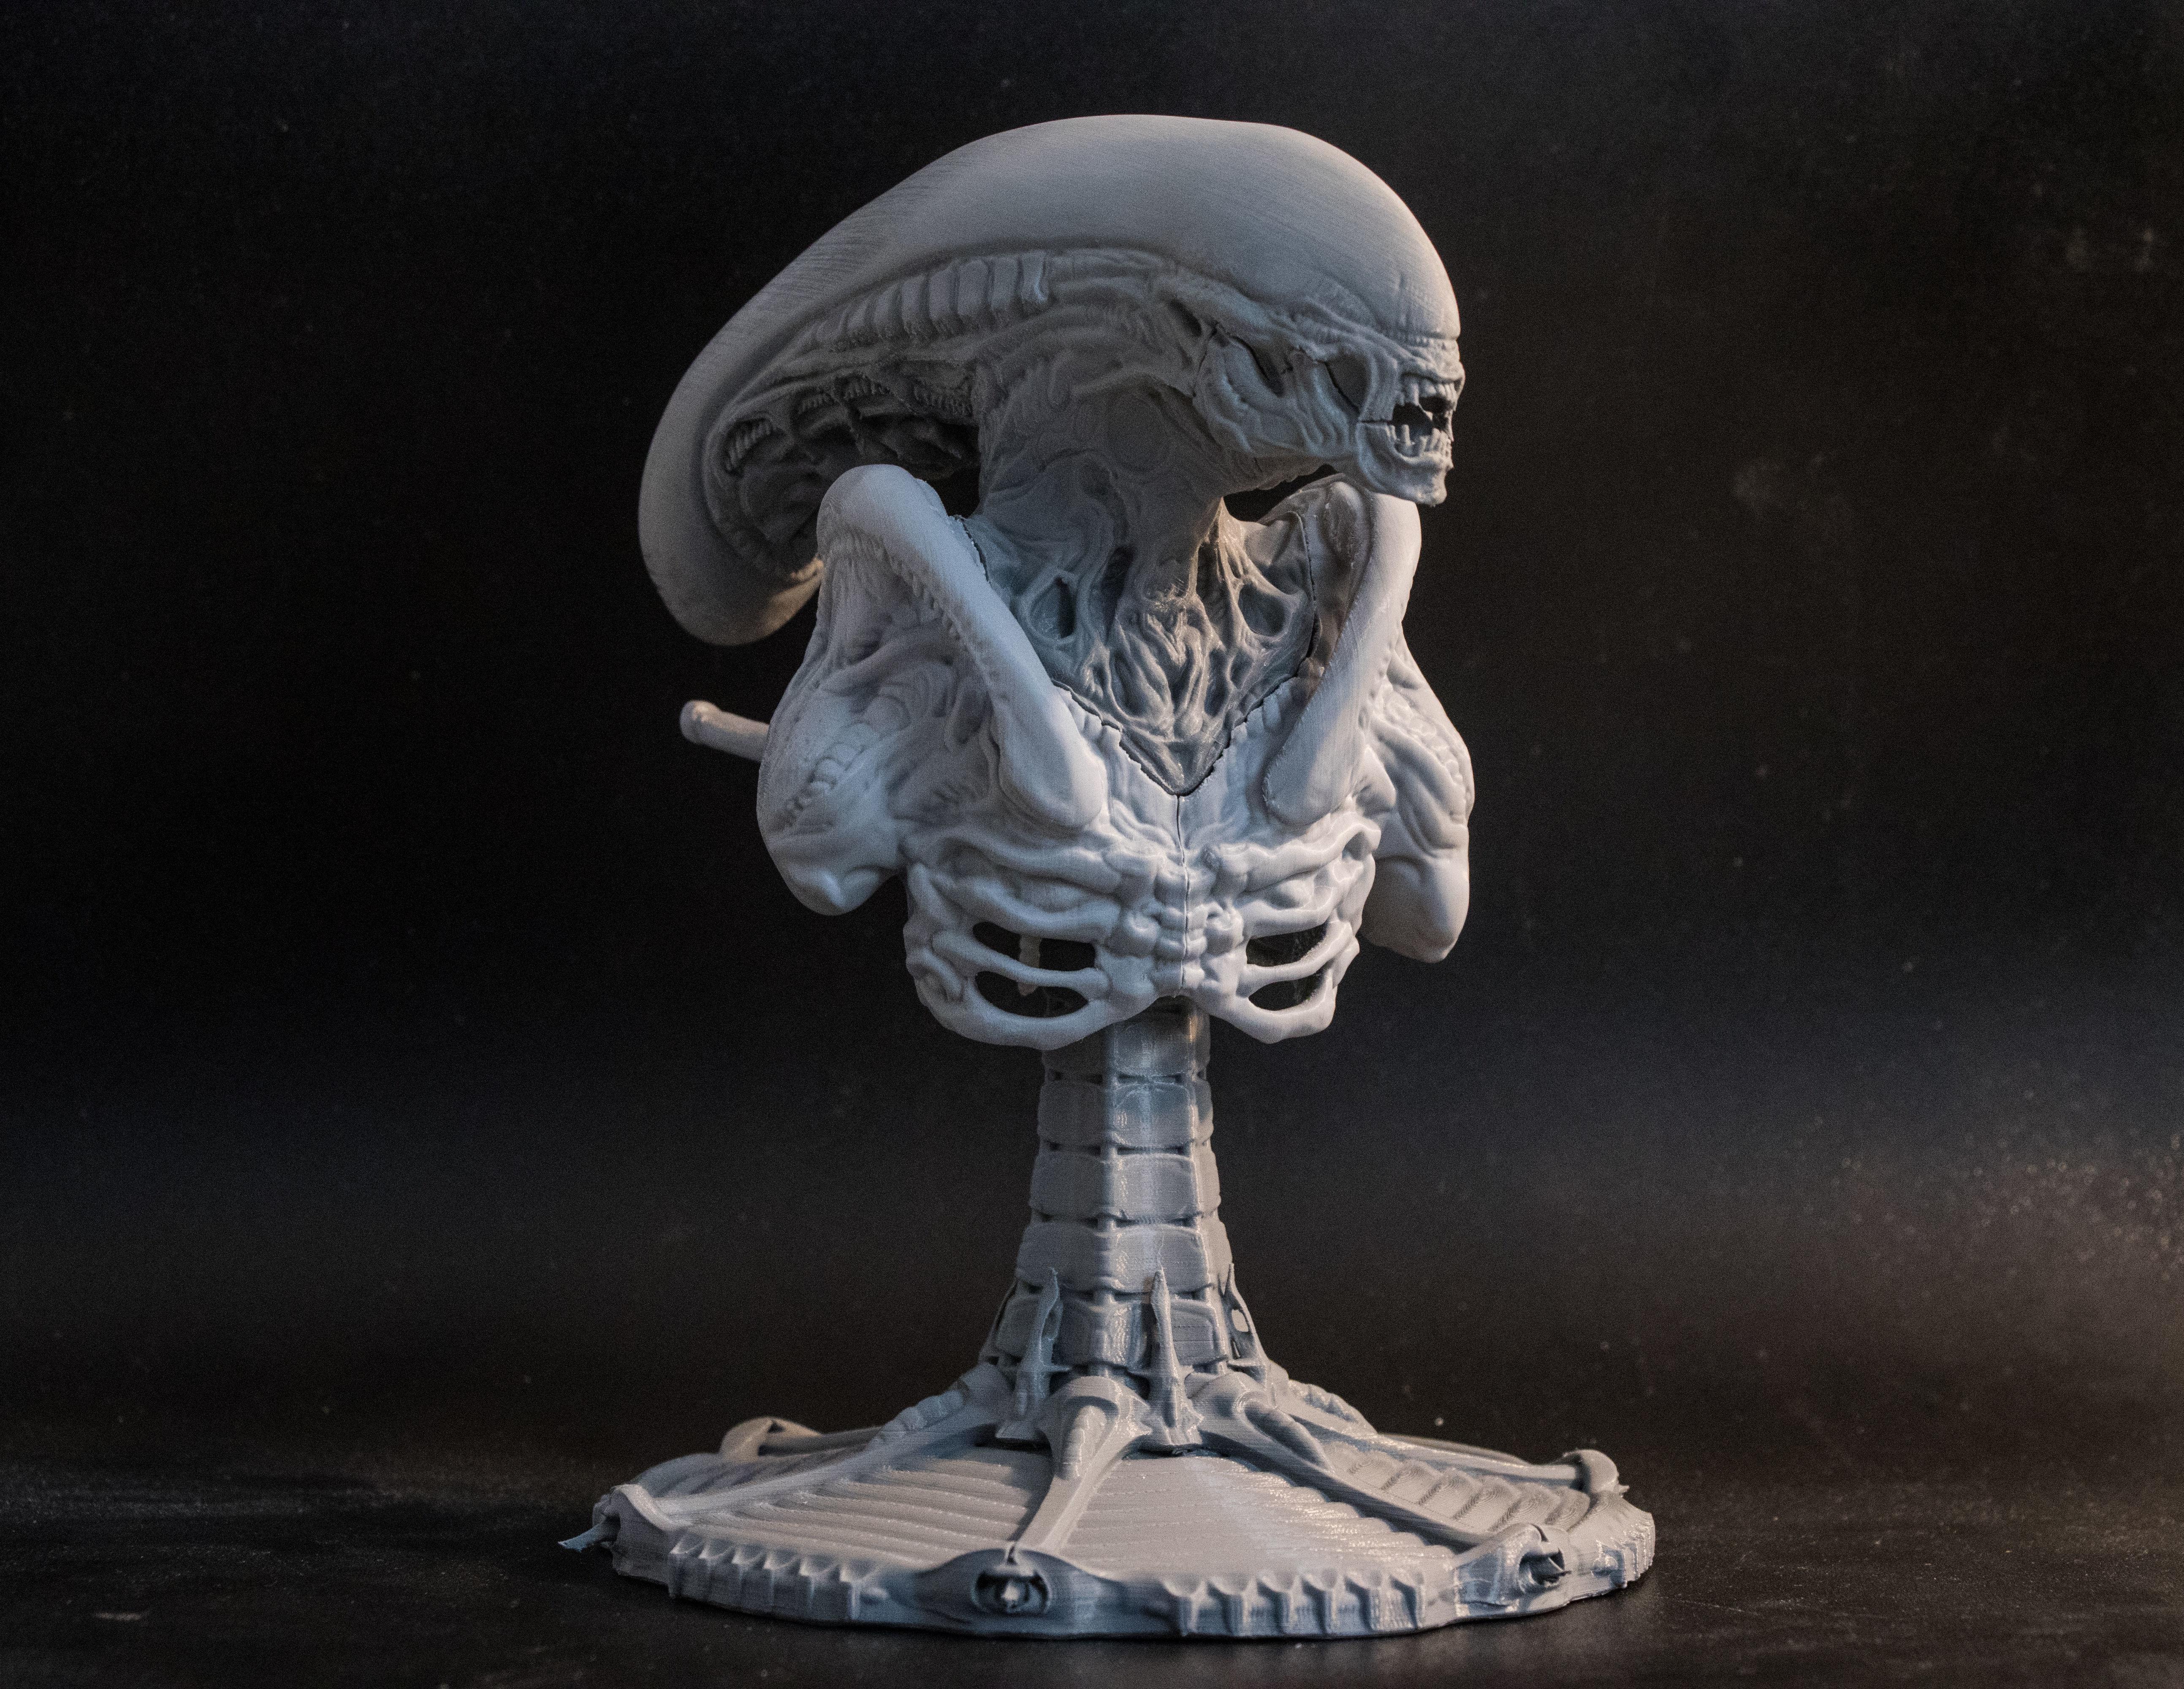 Alien bust statue